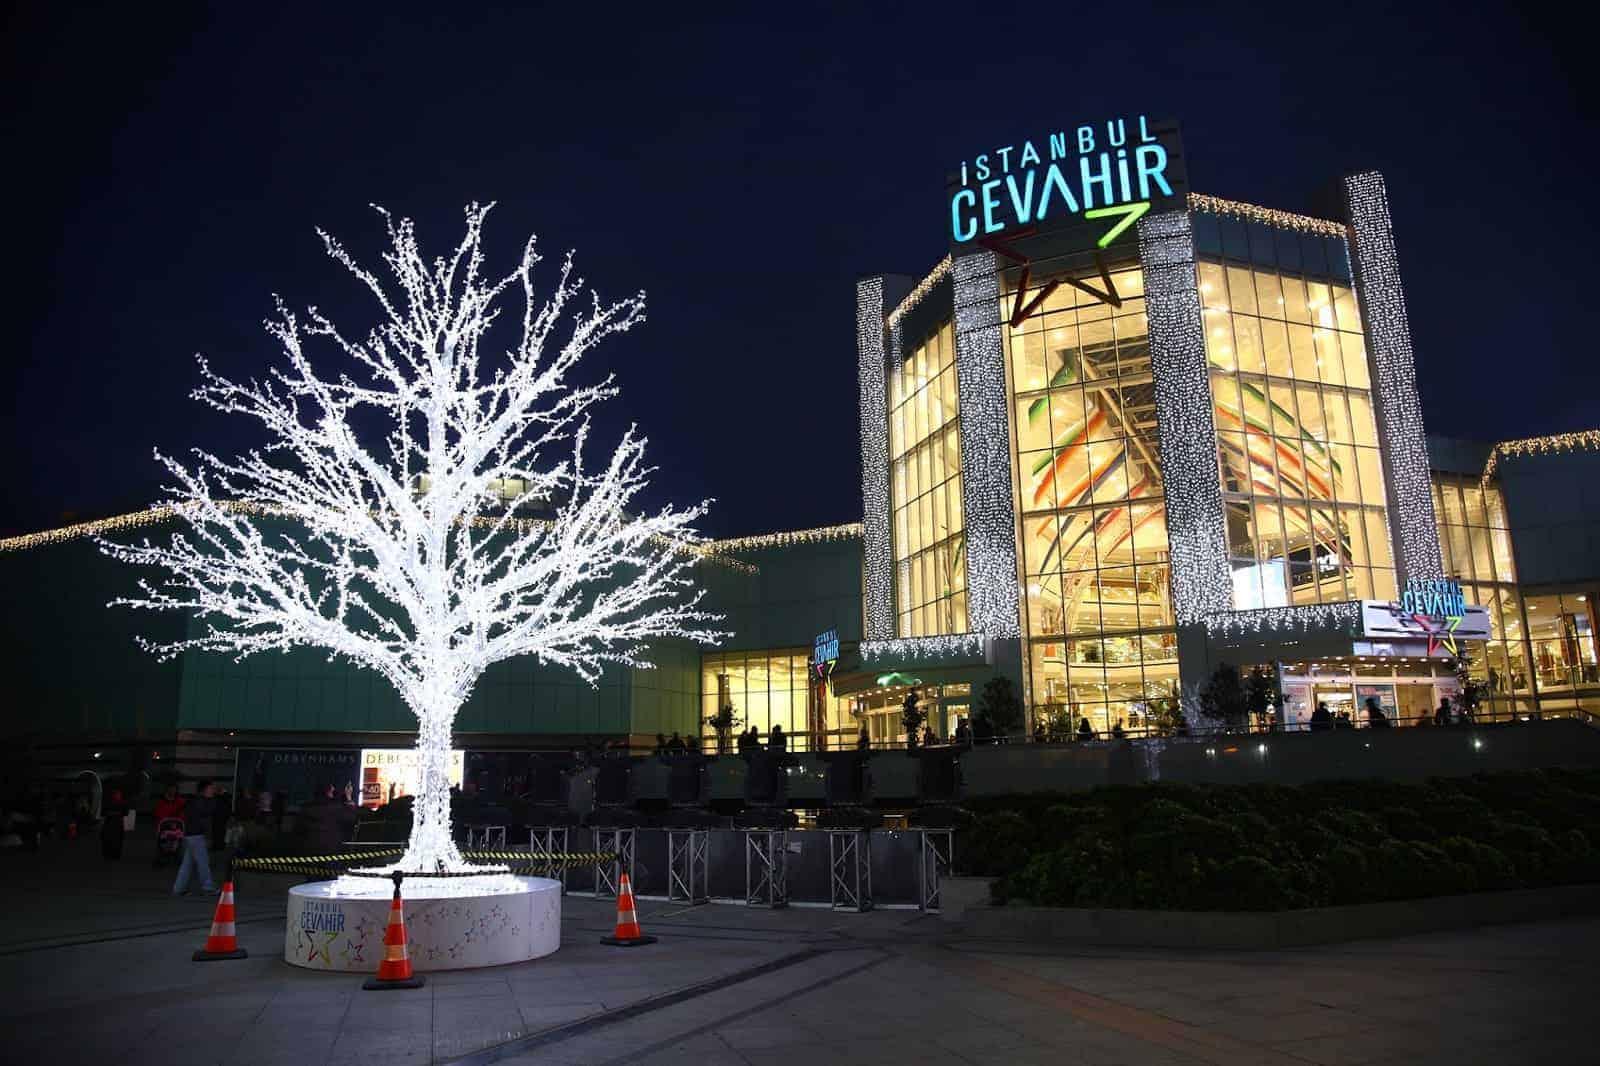 مول جواهر التجاري في اسطنبول